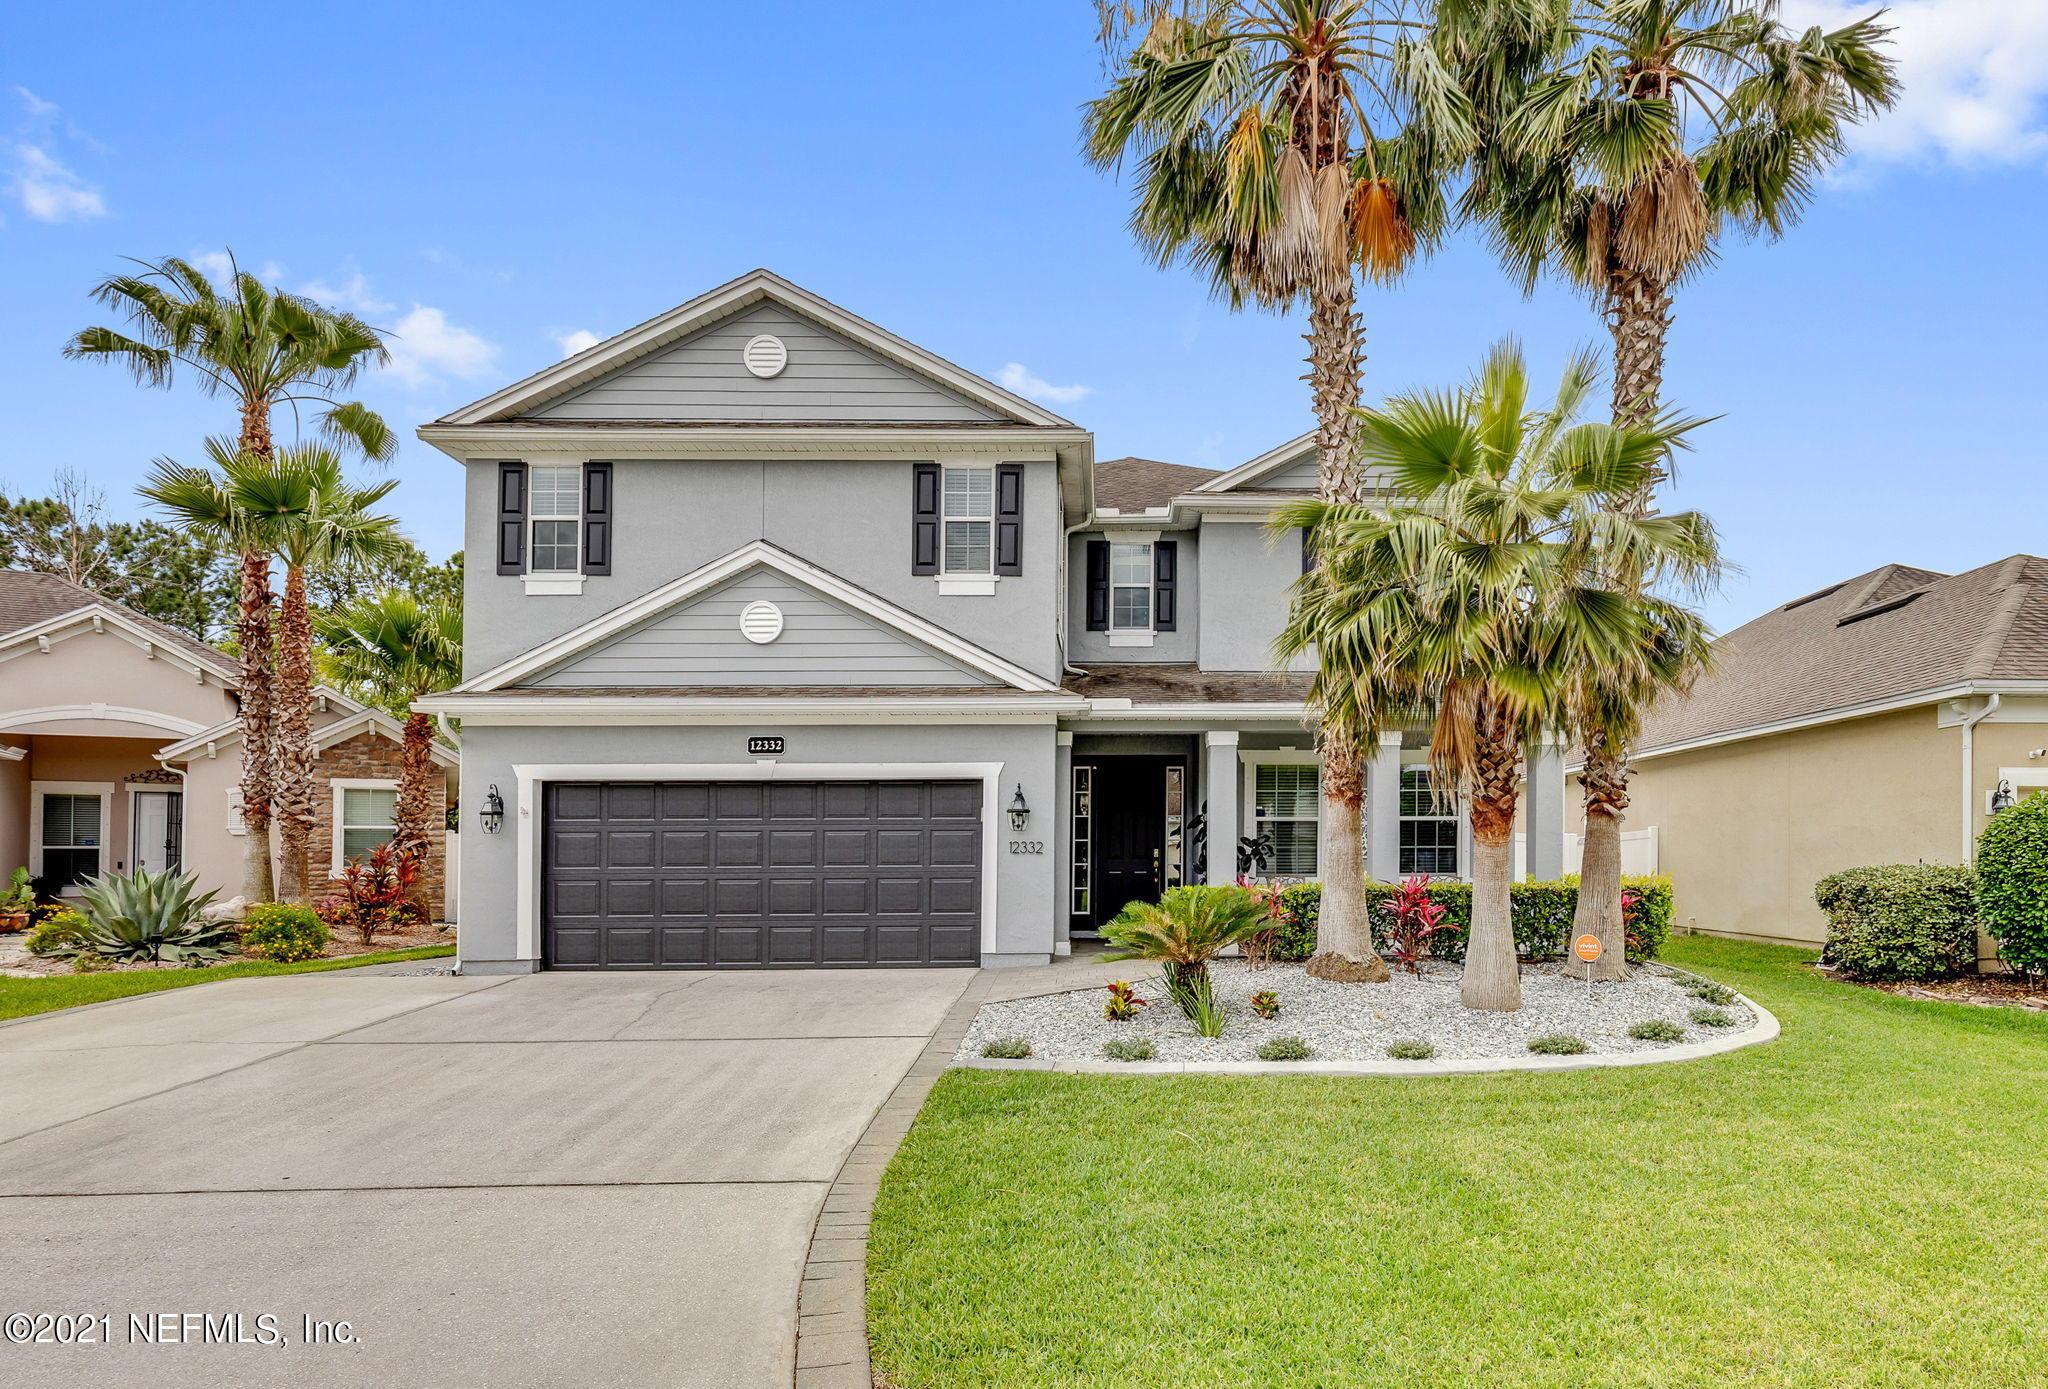 12332 Wood Blossom Ct Jacksonville, Fl 32246